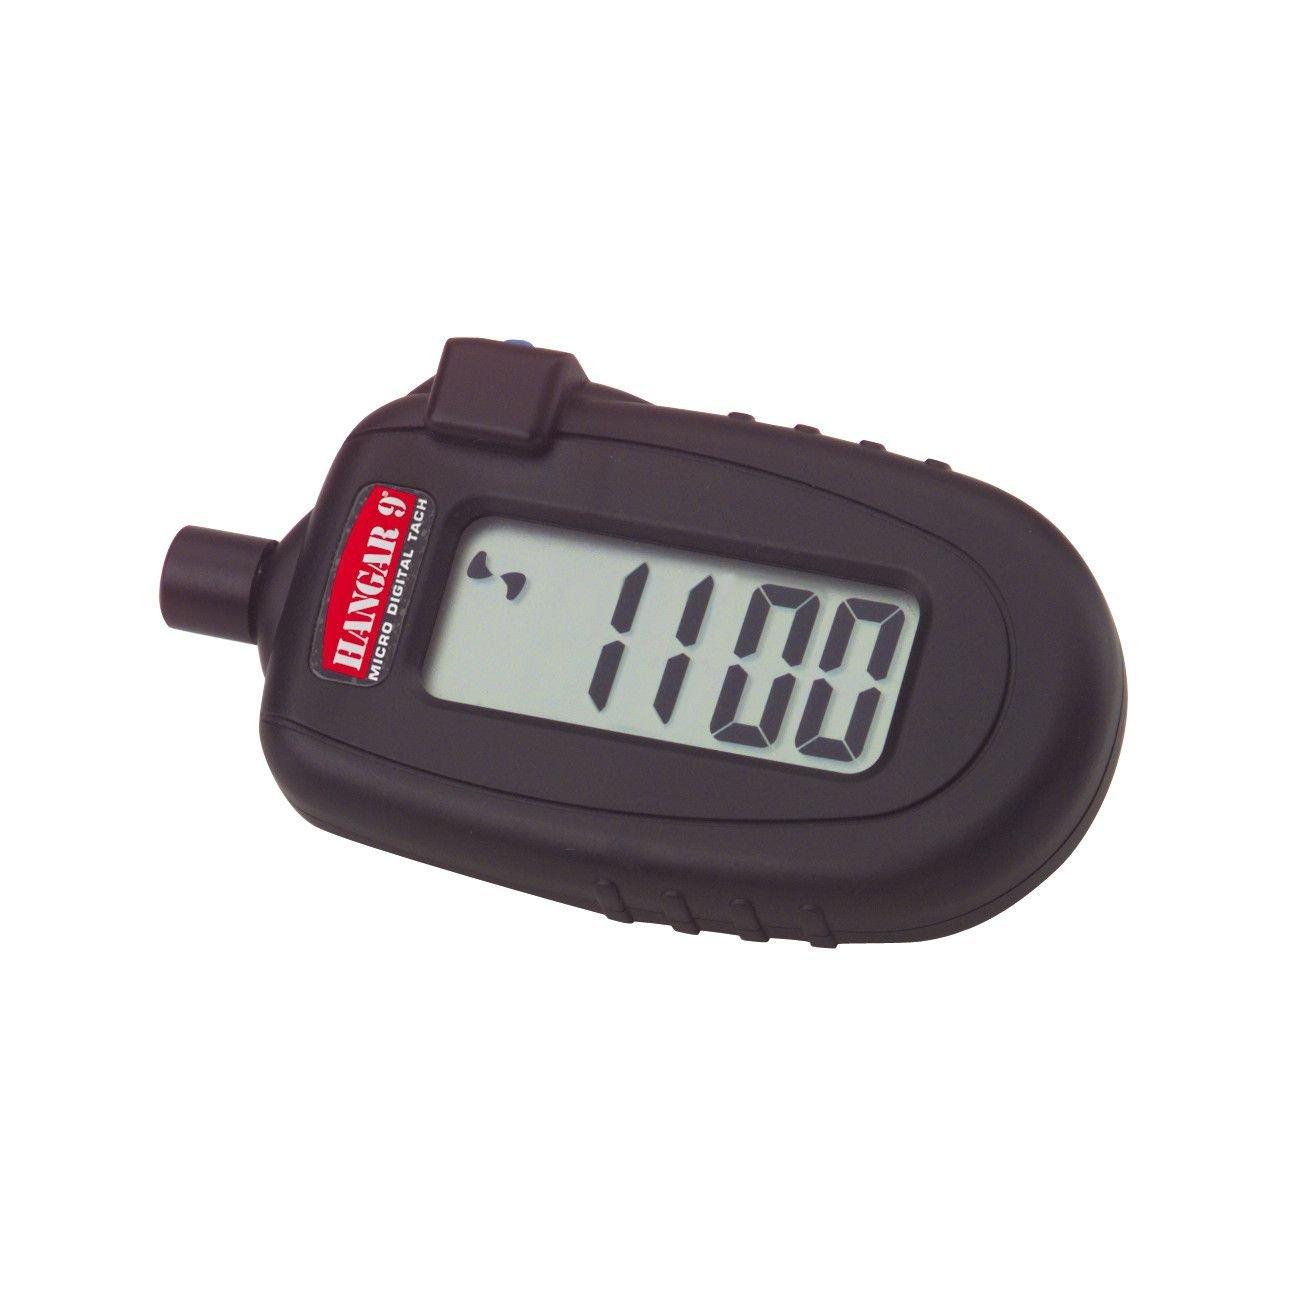 Hangar 9 Micro Digital Tachometer, HAN156 by Hangar 9